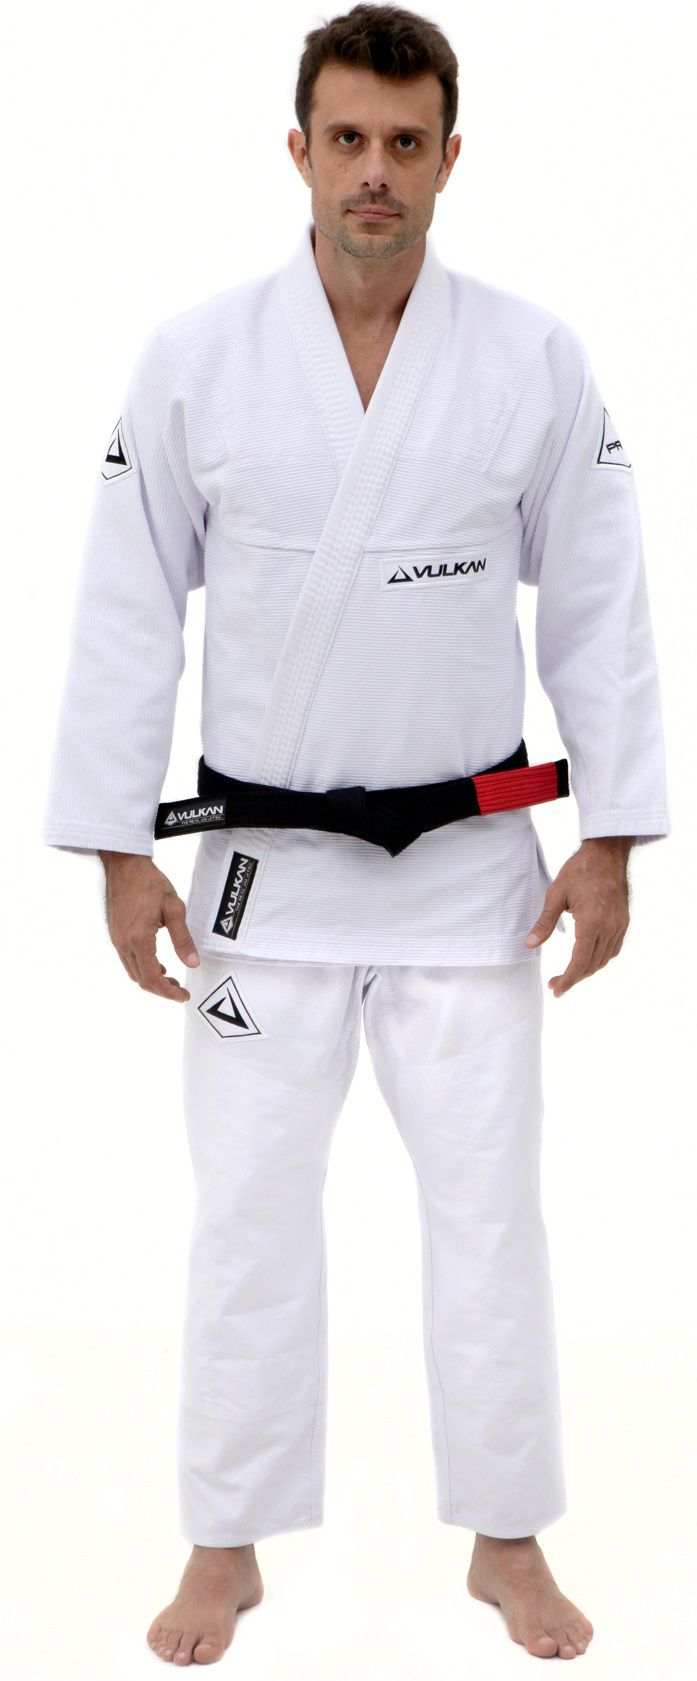 Kimono Vulkan Para Jiu-jitsu Profissional Adulto - Pro Evolution Branco Masculino